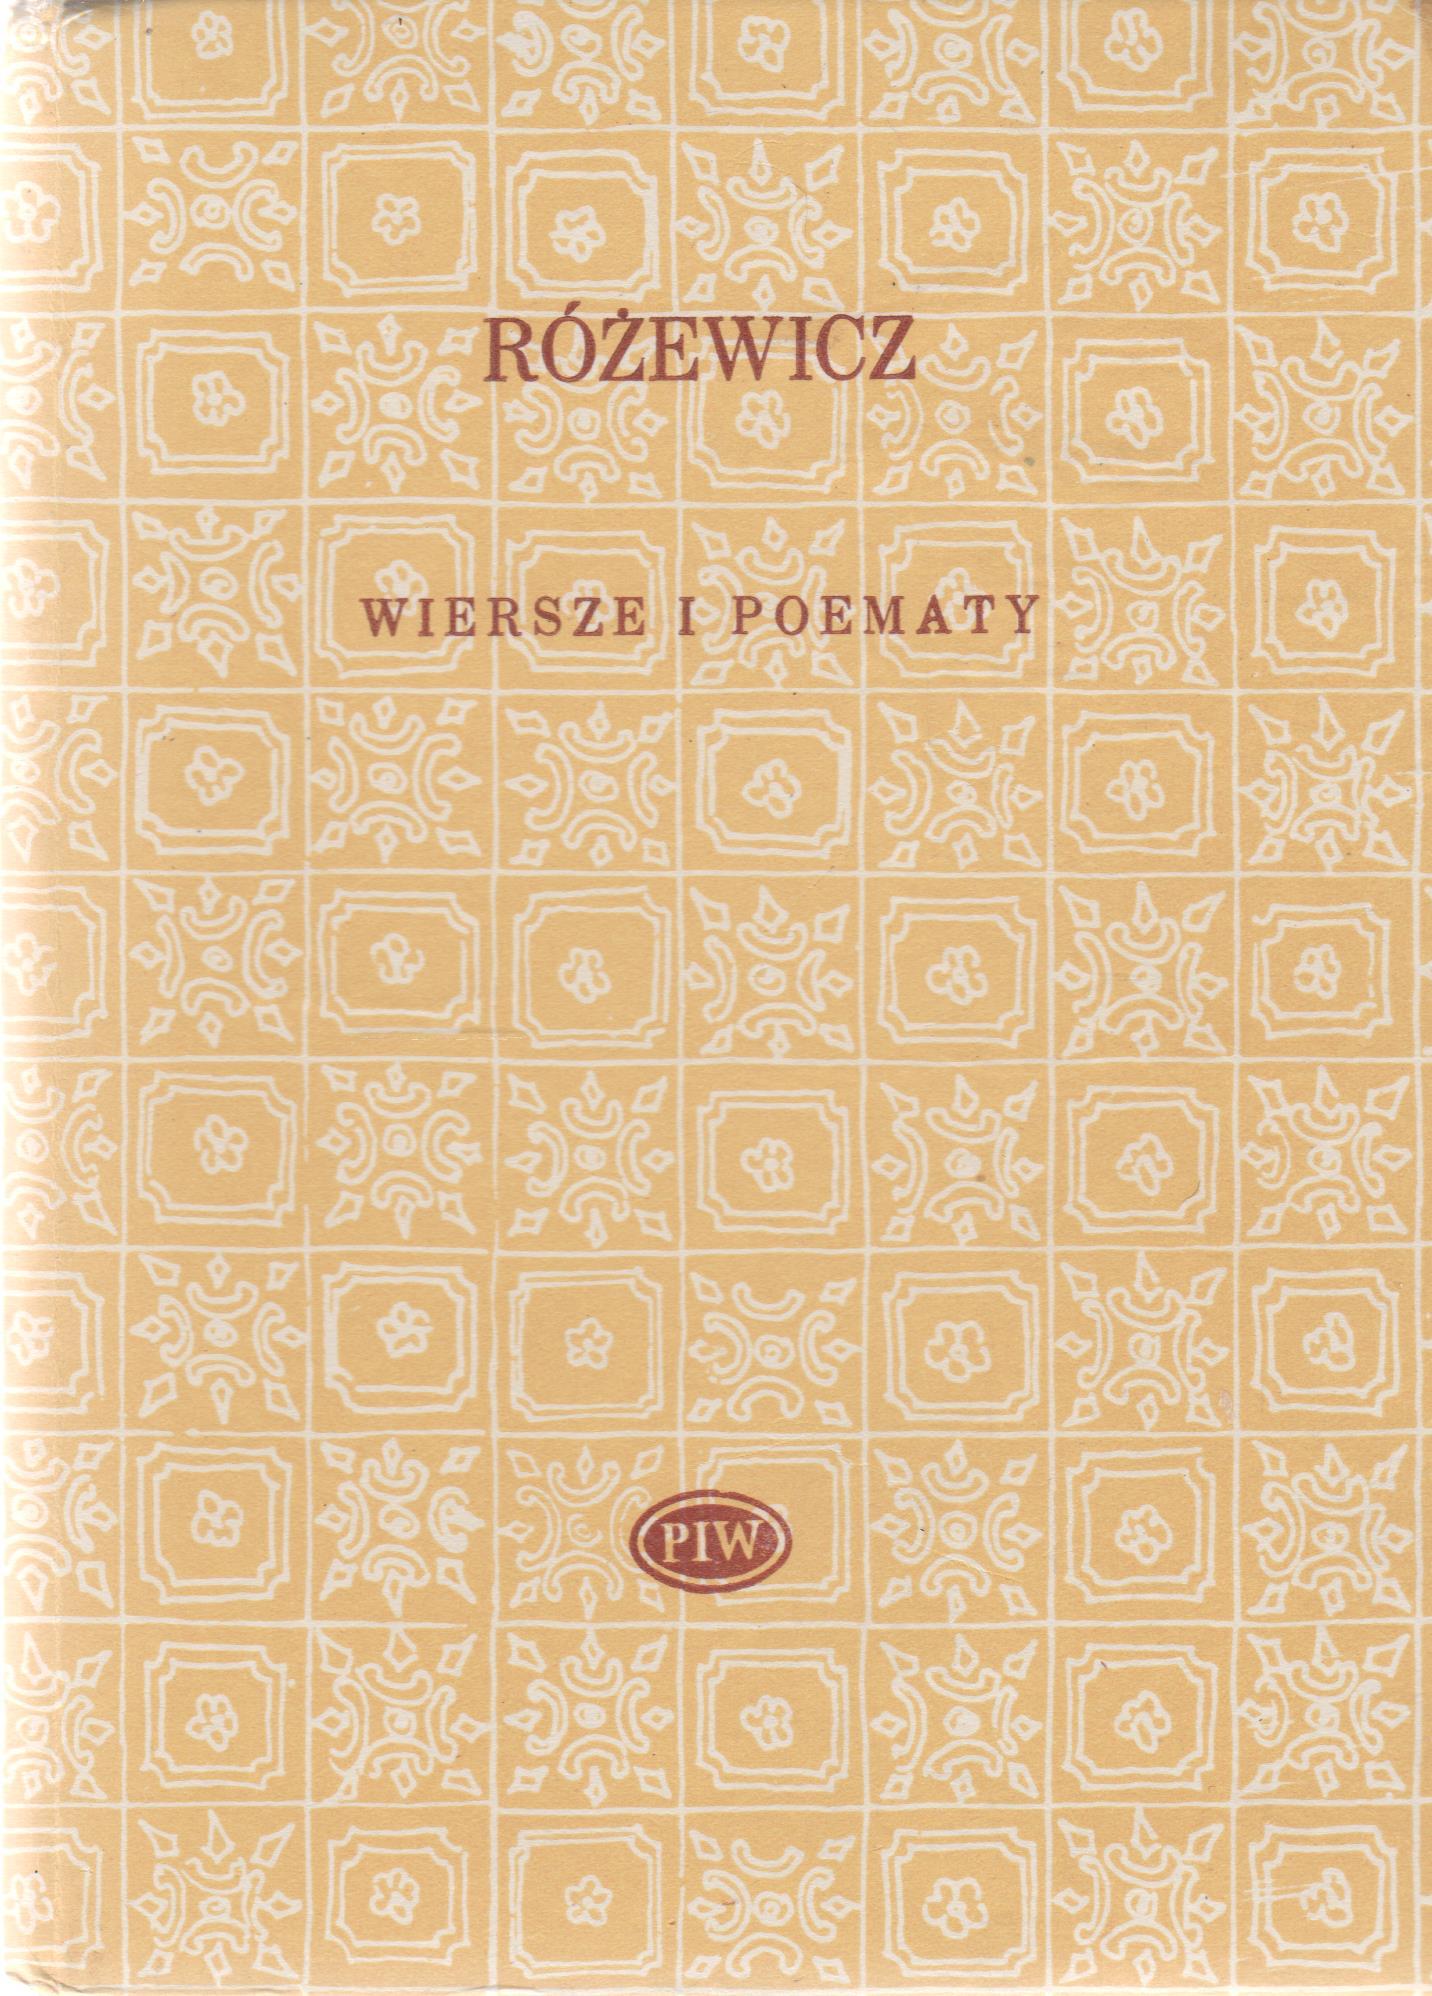 Wiersze I Poematy Tadeusz Różewicz 7317987825 Oficjalne